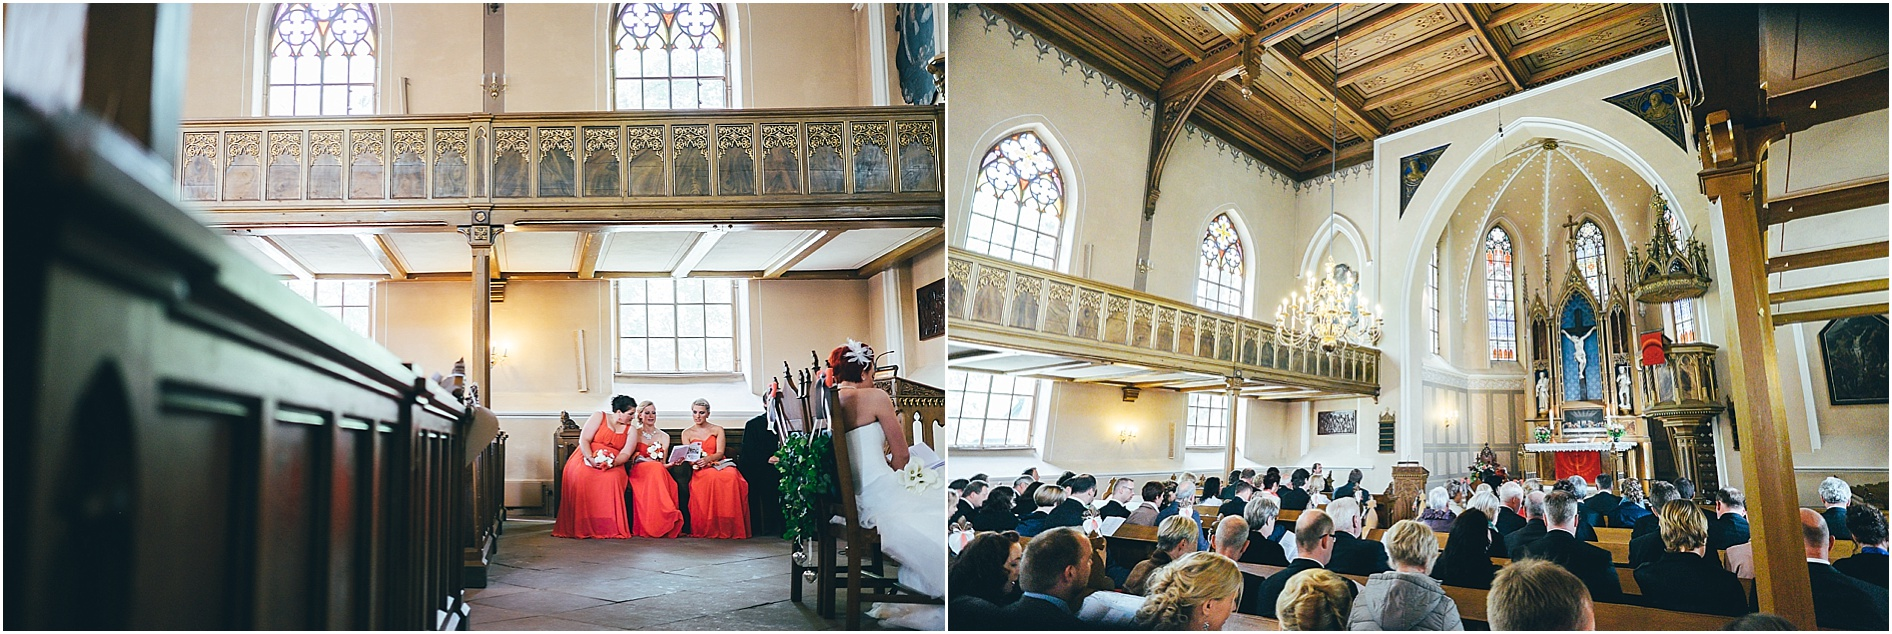 2015-10-27_0034 Tine & Chrischan - Hochzeitsfilm & Fotos in Lüneburg